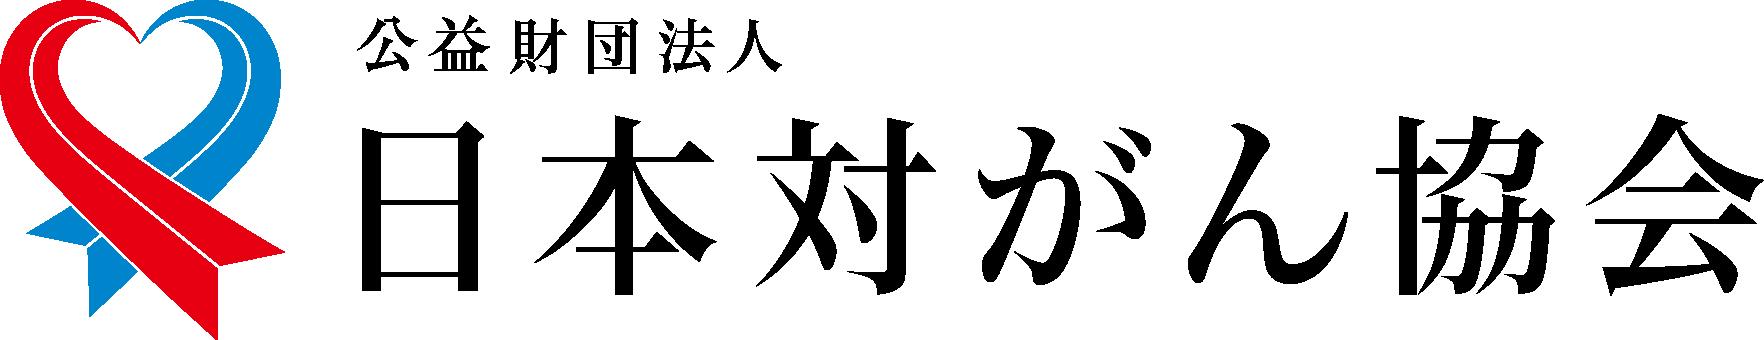 taigan-logo